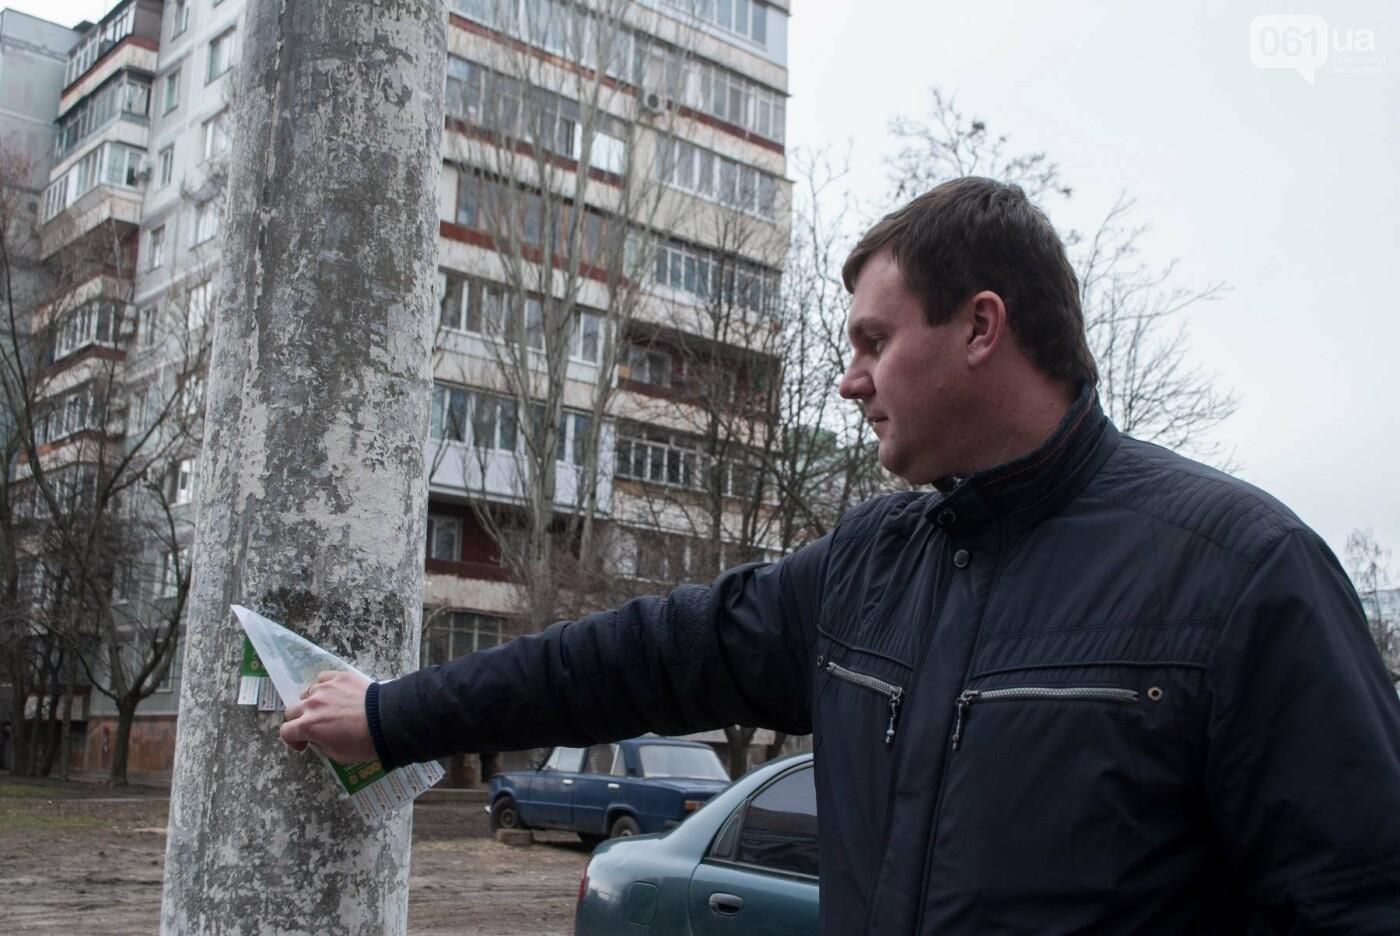 Сам себе хозяин: как запорожские ОСМД занимаются энергосбережением и значительно экономят на тарифах, — ФОТО, фото-31